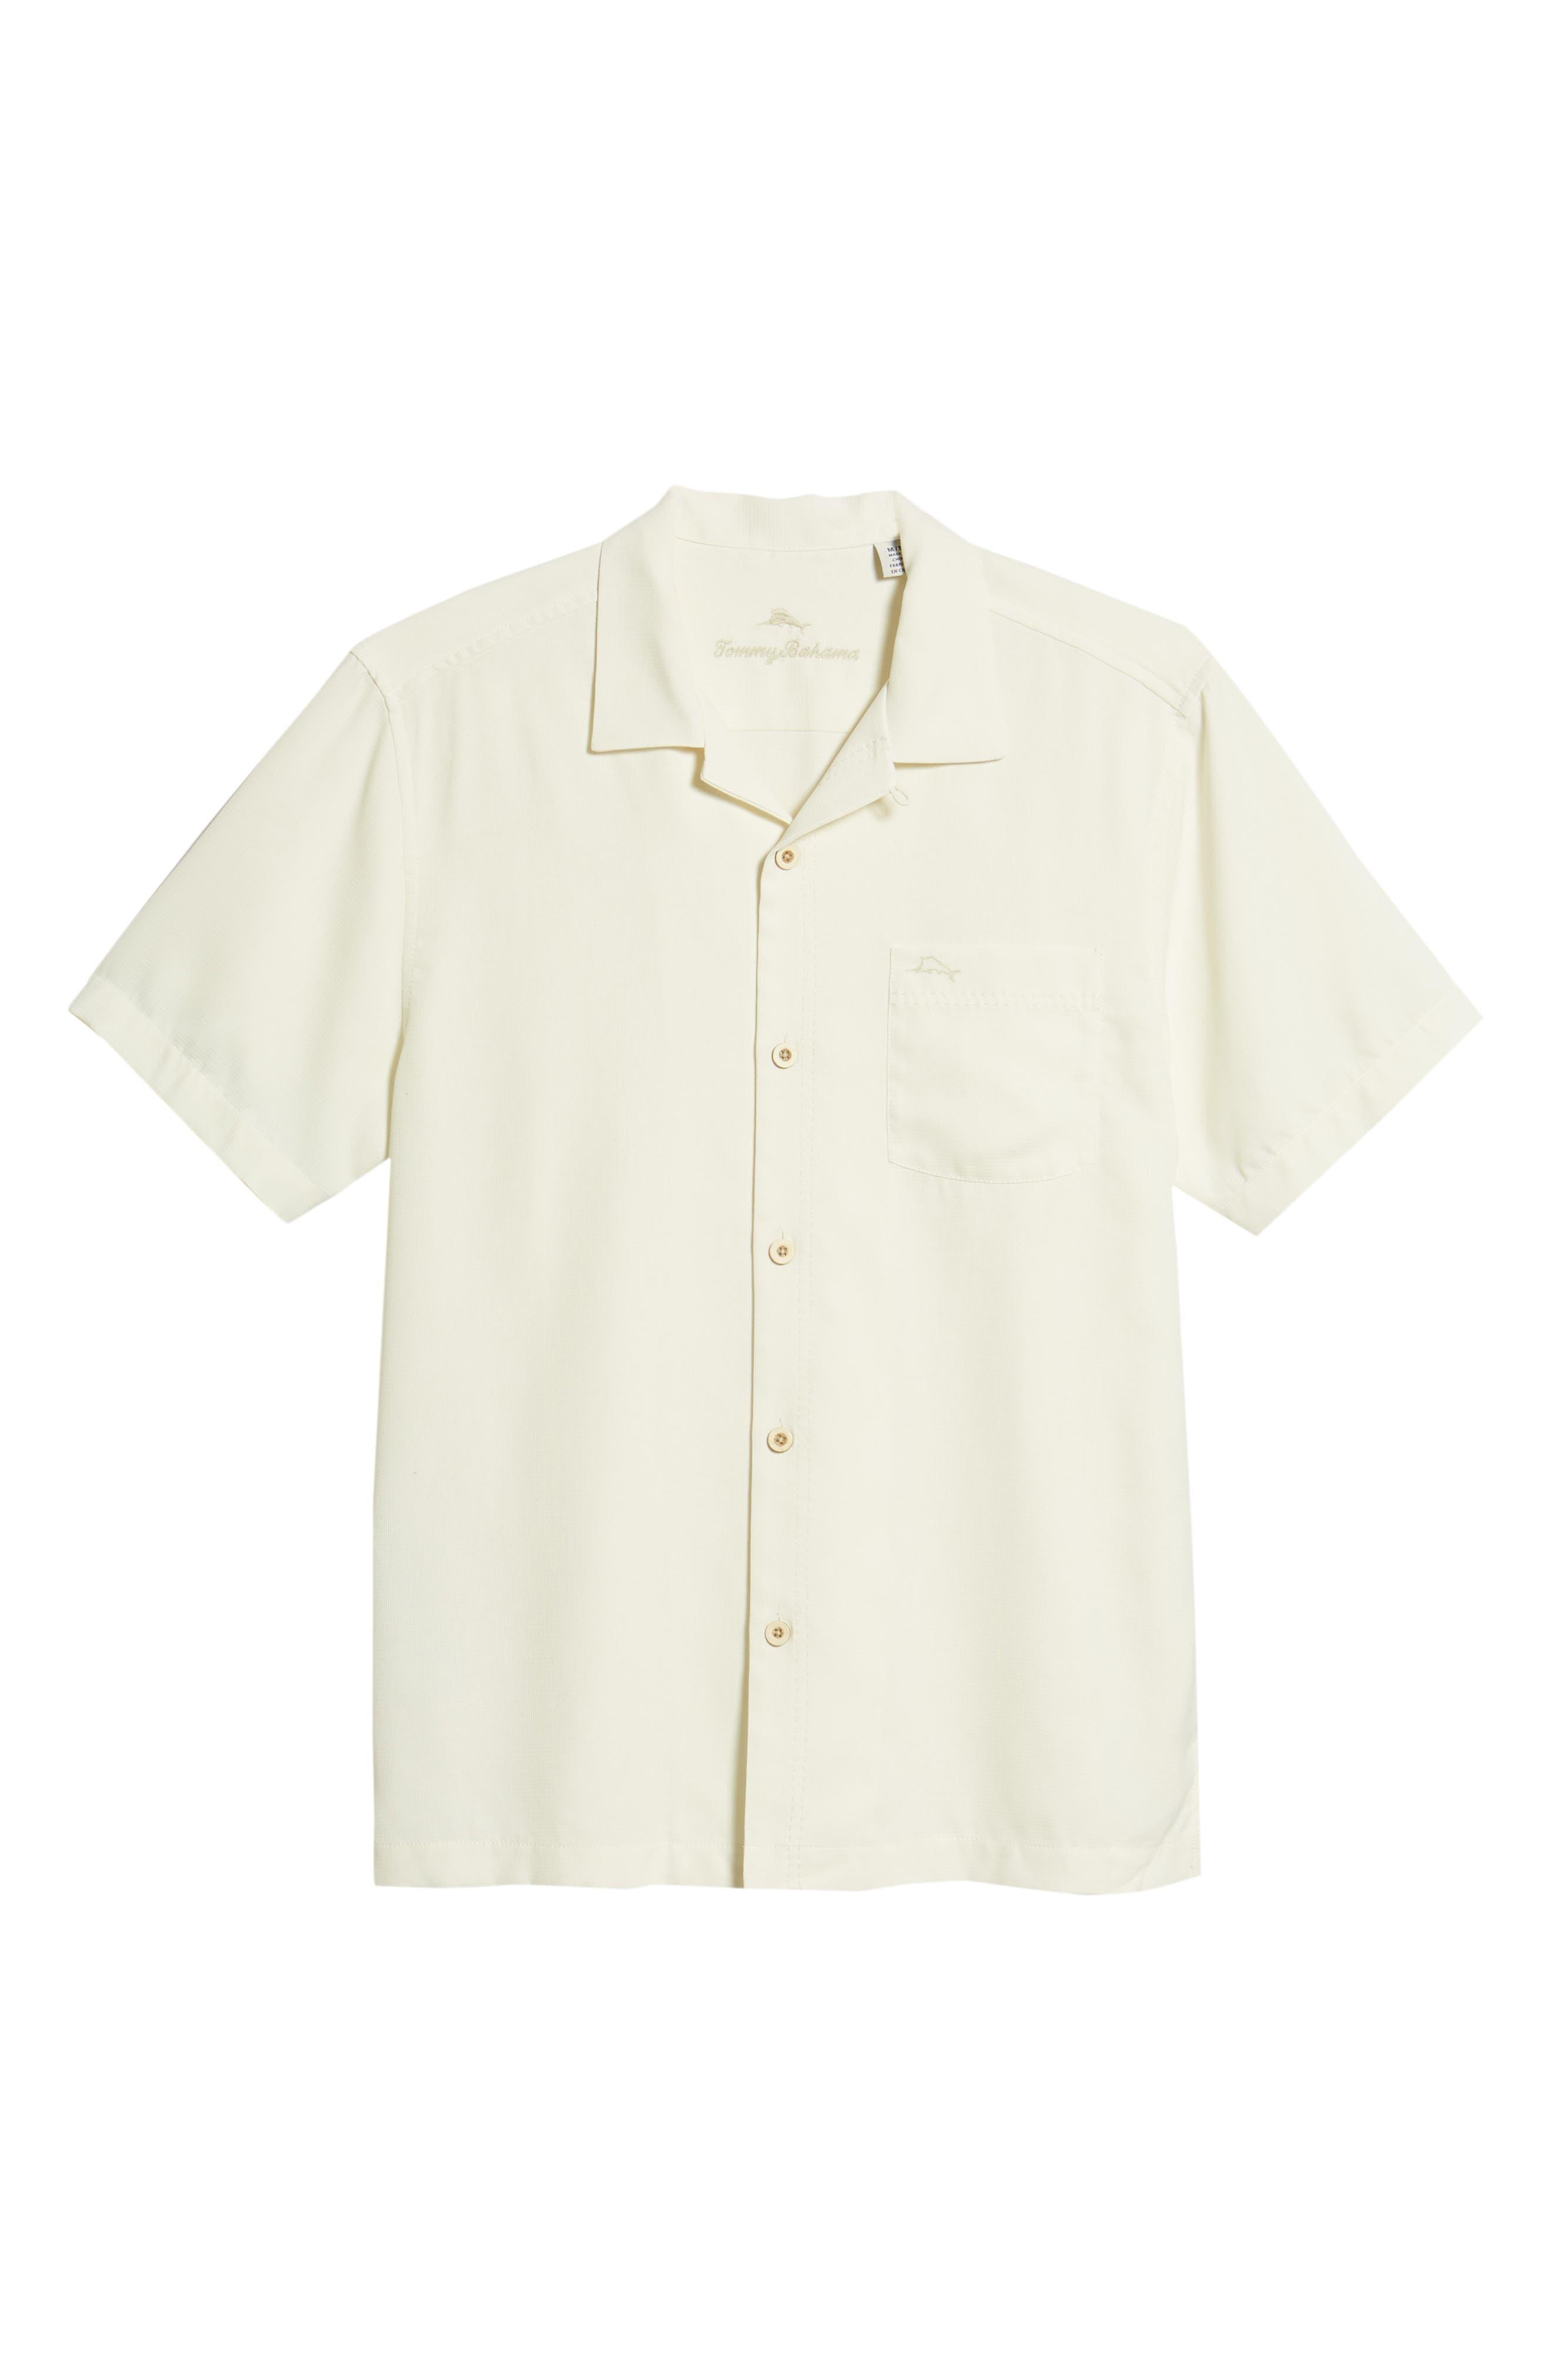 TOMMY BAHAMA,                             Royal Bermuda Silk Blend Camp Shirt,                             Alternate thumbnail 6, color,                             CONTINENTAL